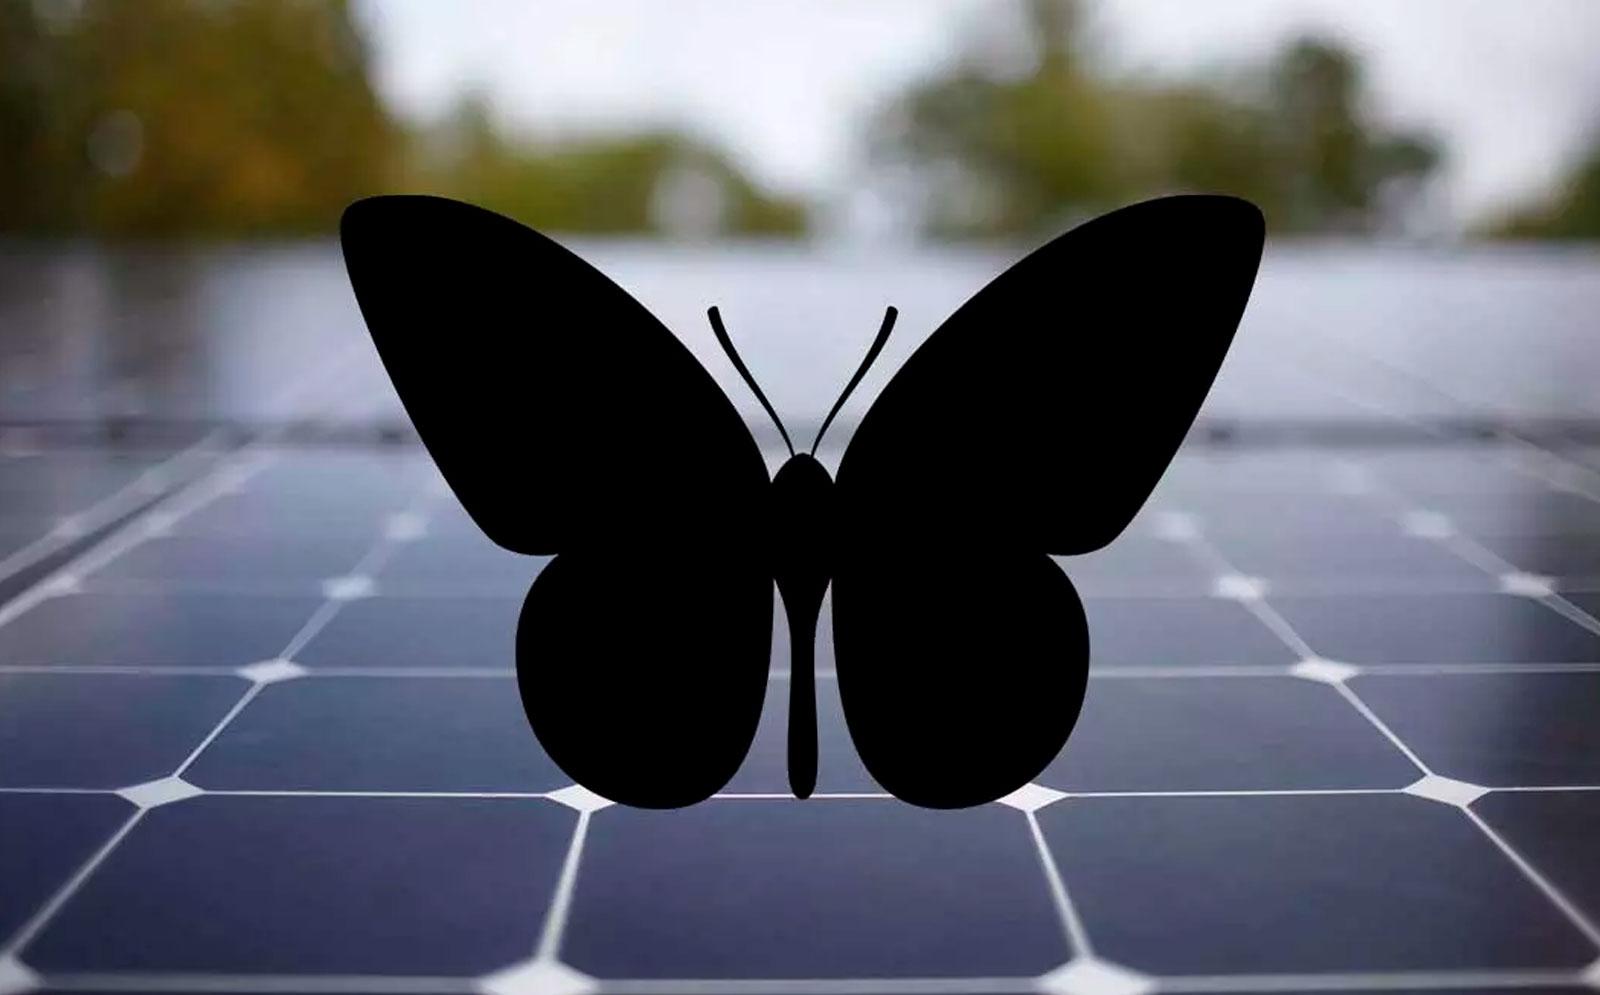 Crean nuevos paneles solares inspirados en mariposas